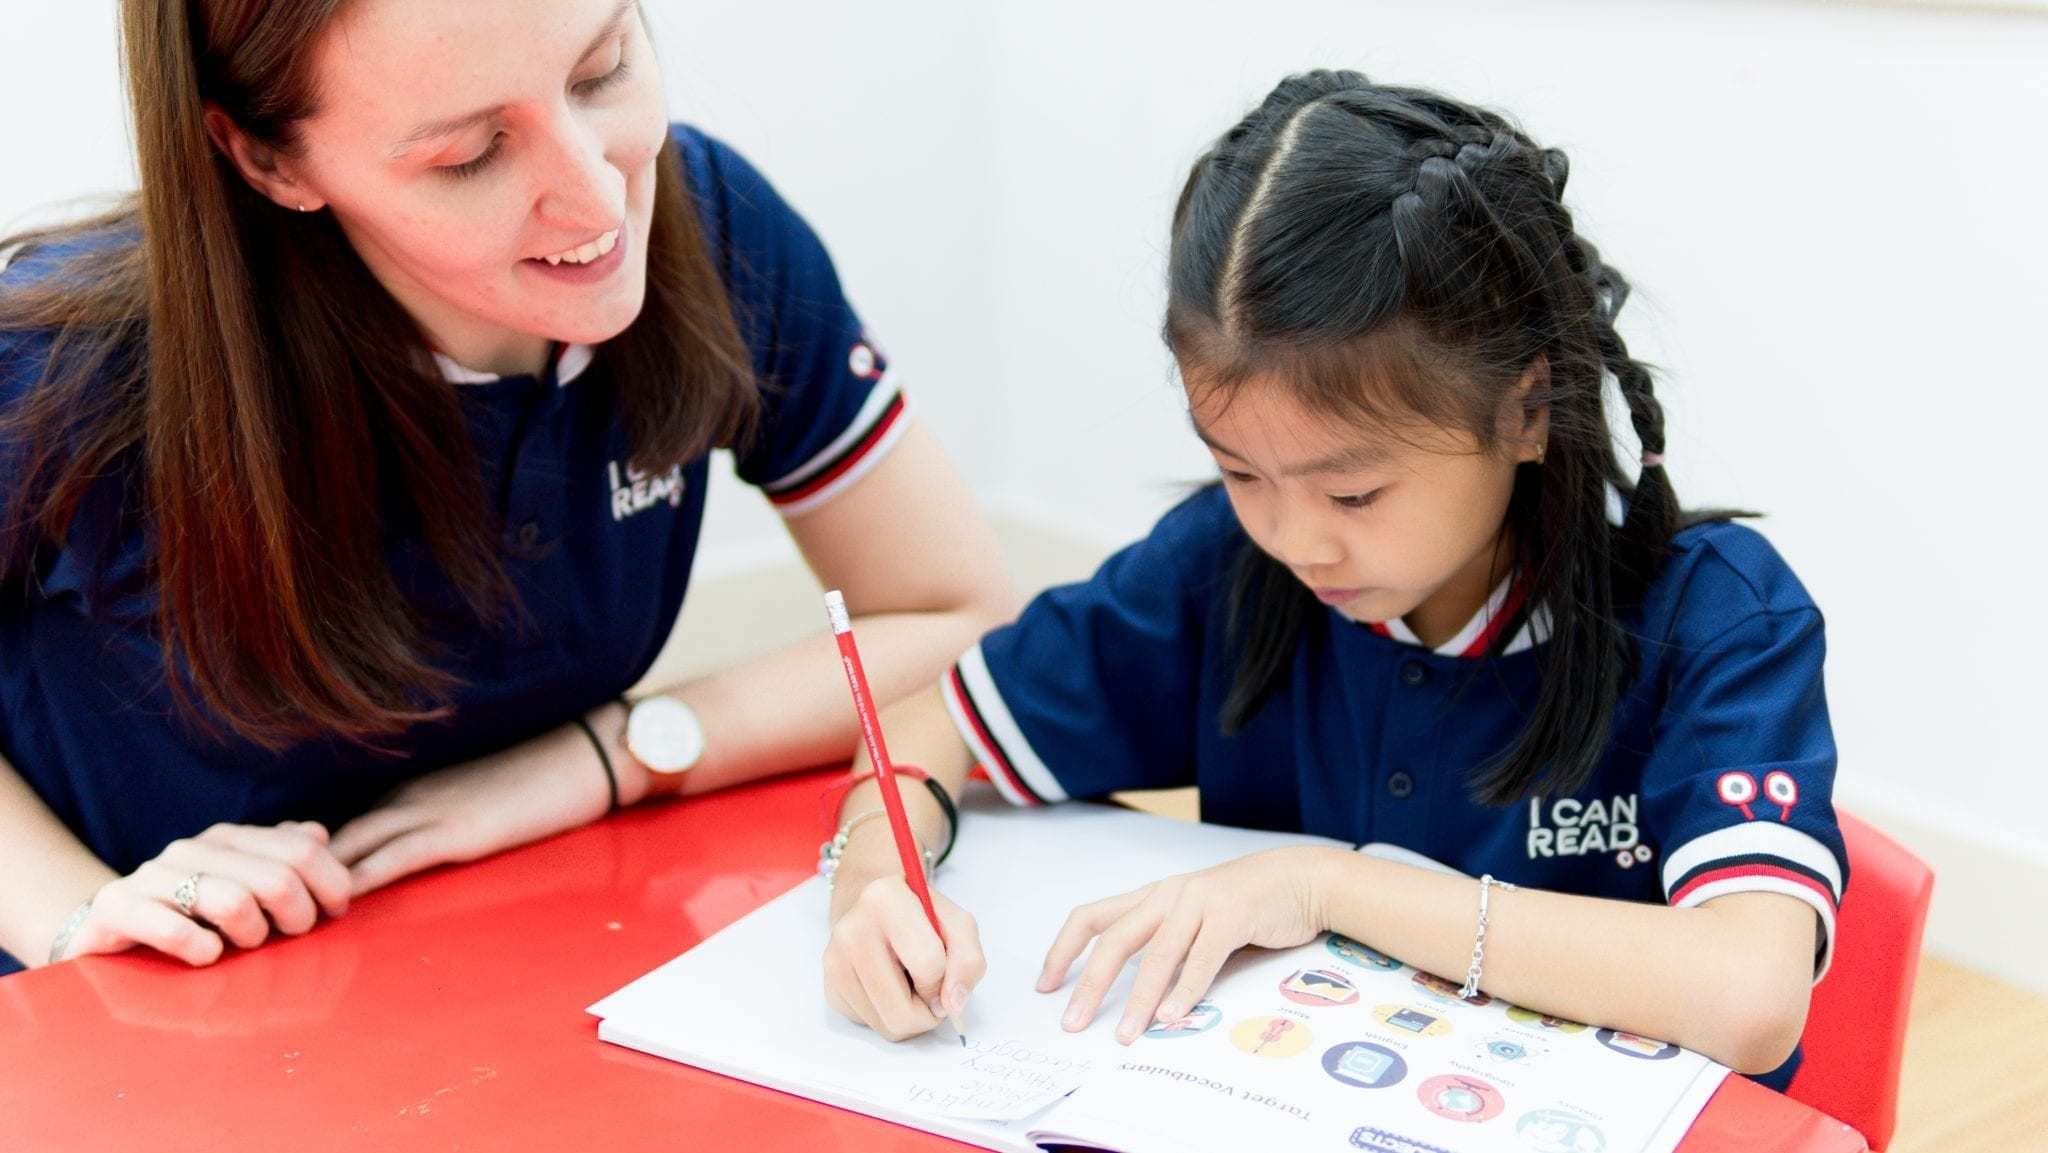 Tự học Tiếng Anh ở nhà kiểu học sinh luôn mang đến cho bạn một nền tảng vững chắc